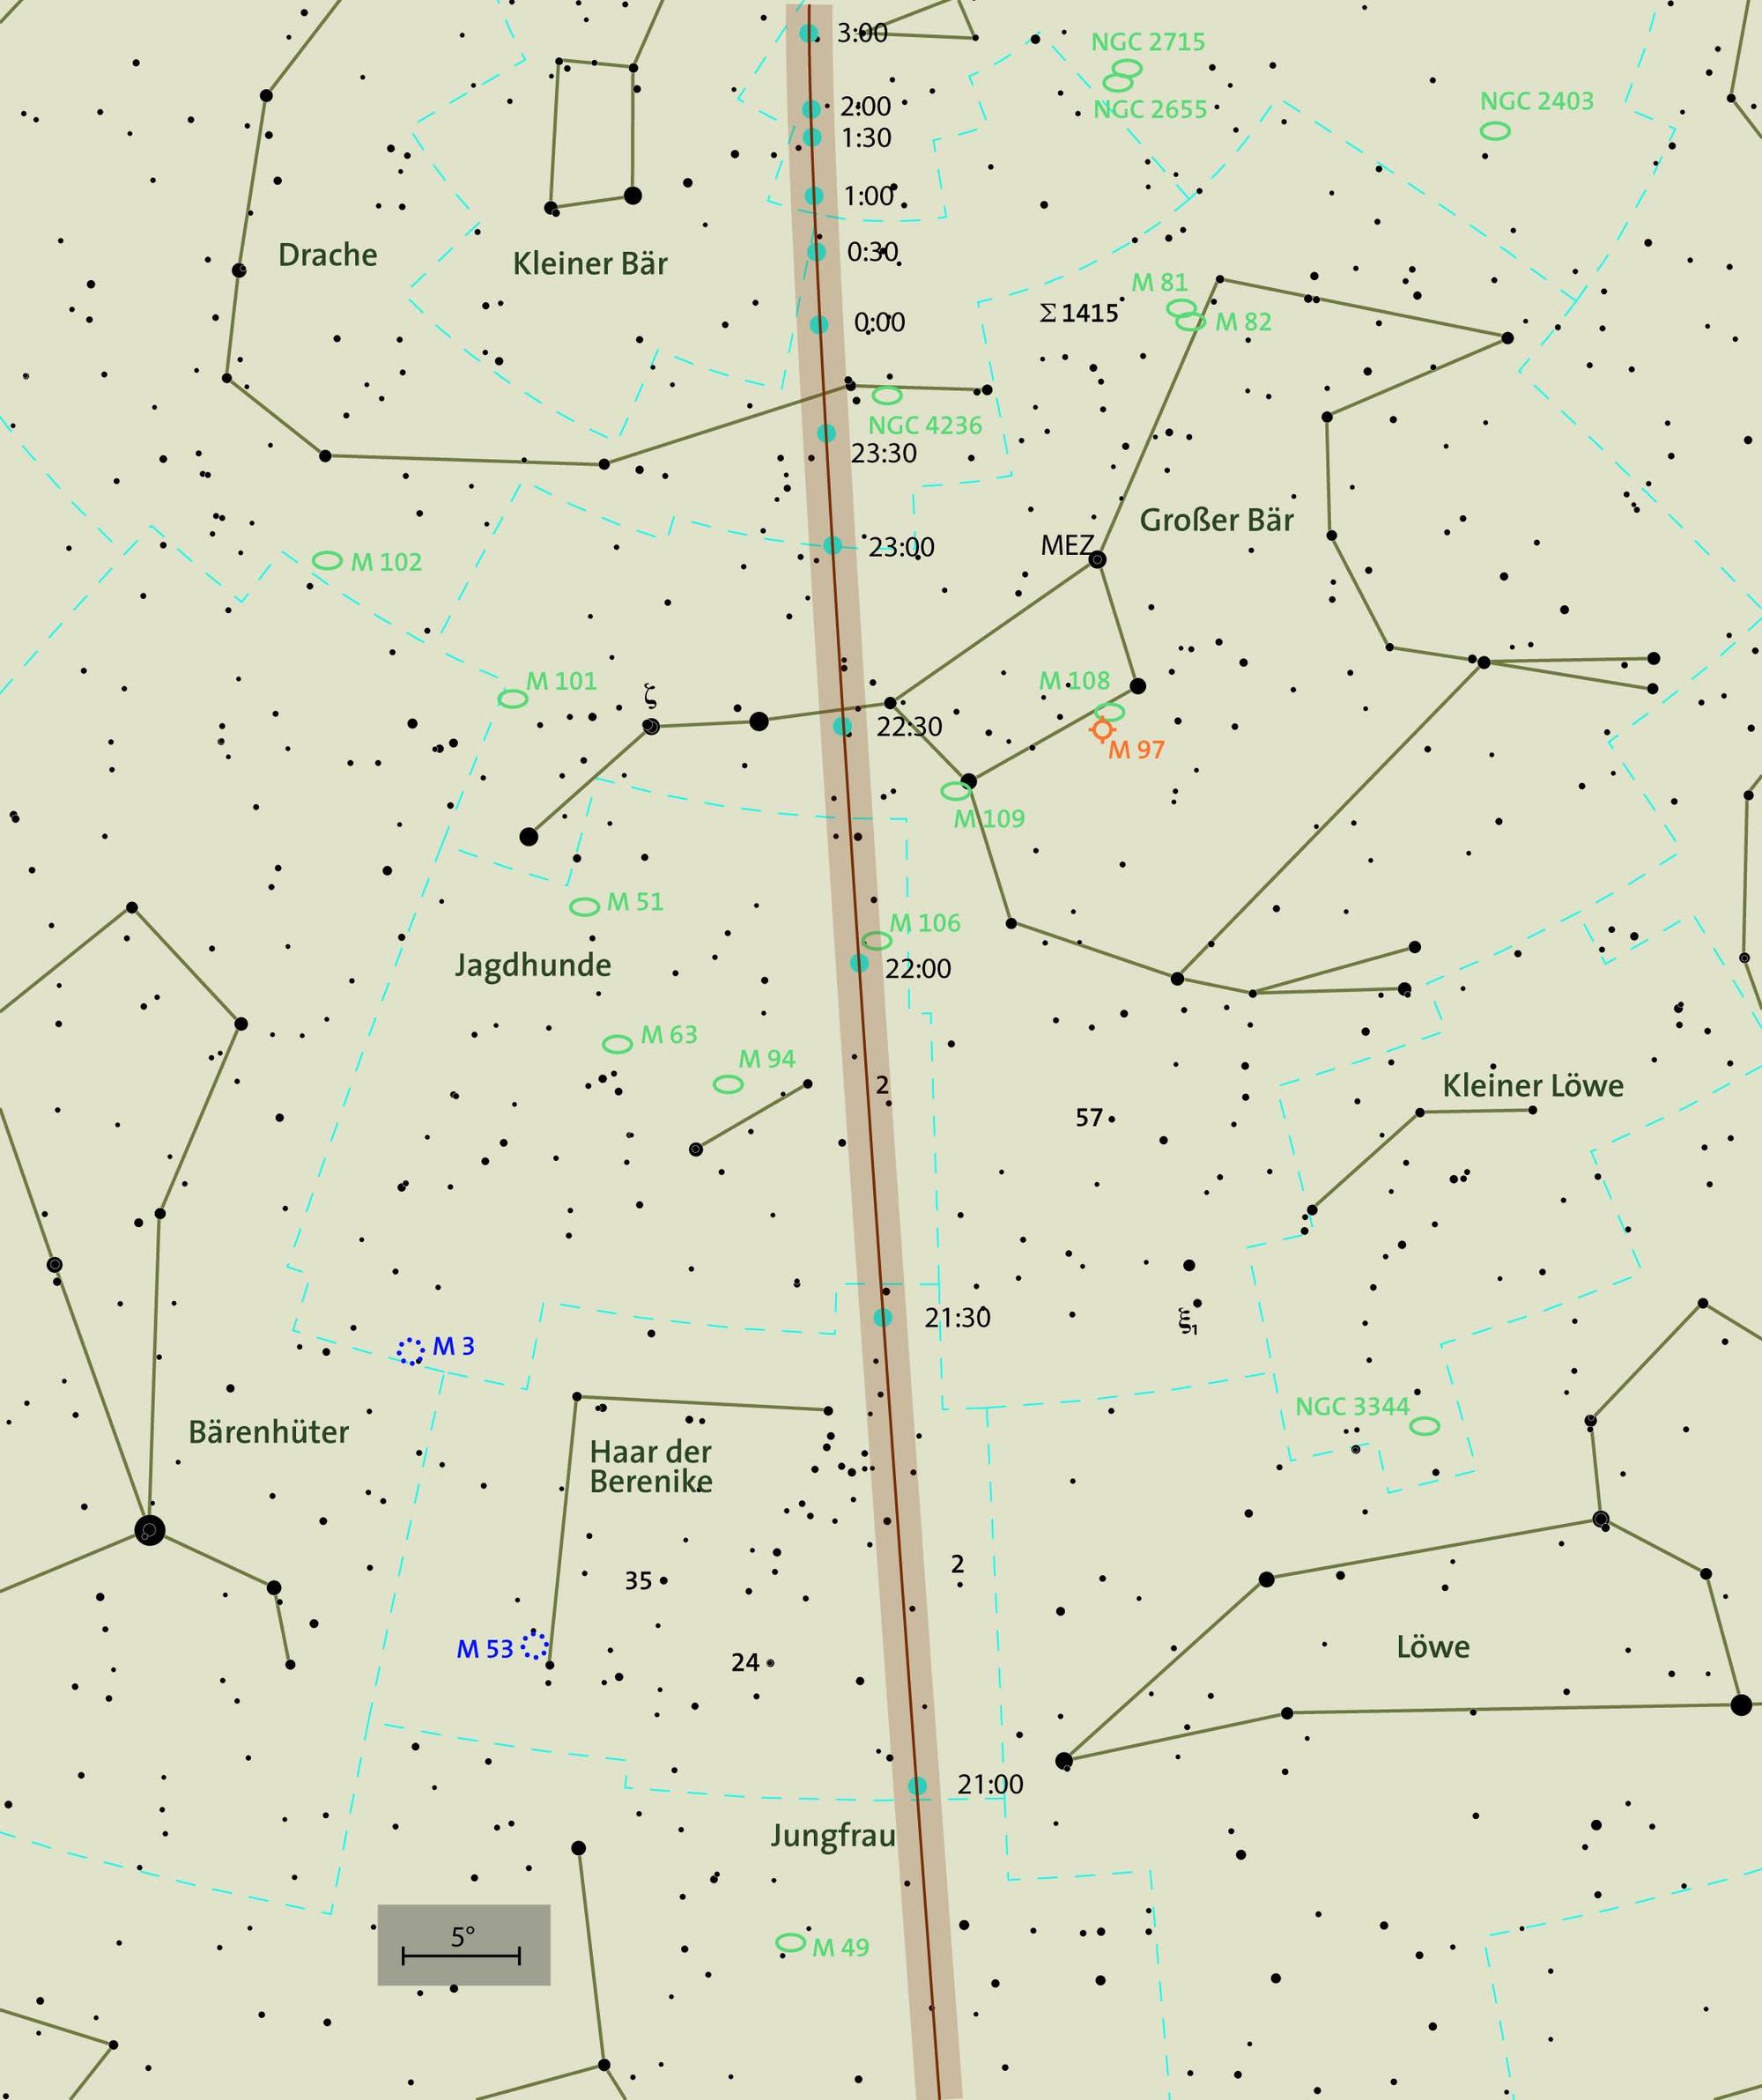 Übersichtskarte der Himmelsbahn von 2012 DA14 invertiert für Beobachter